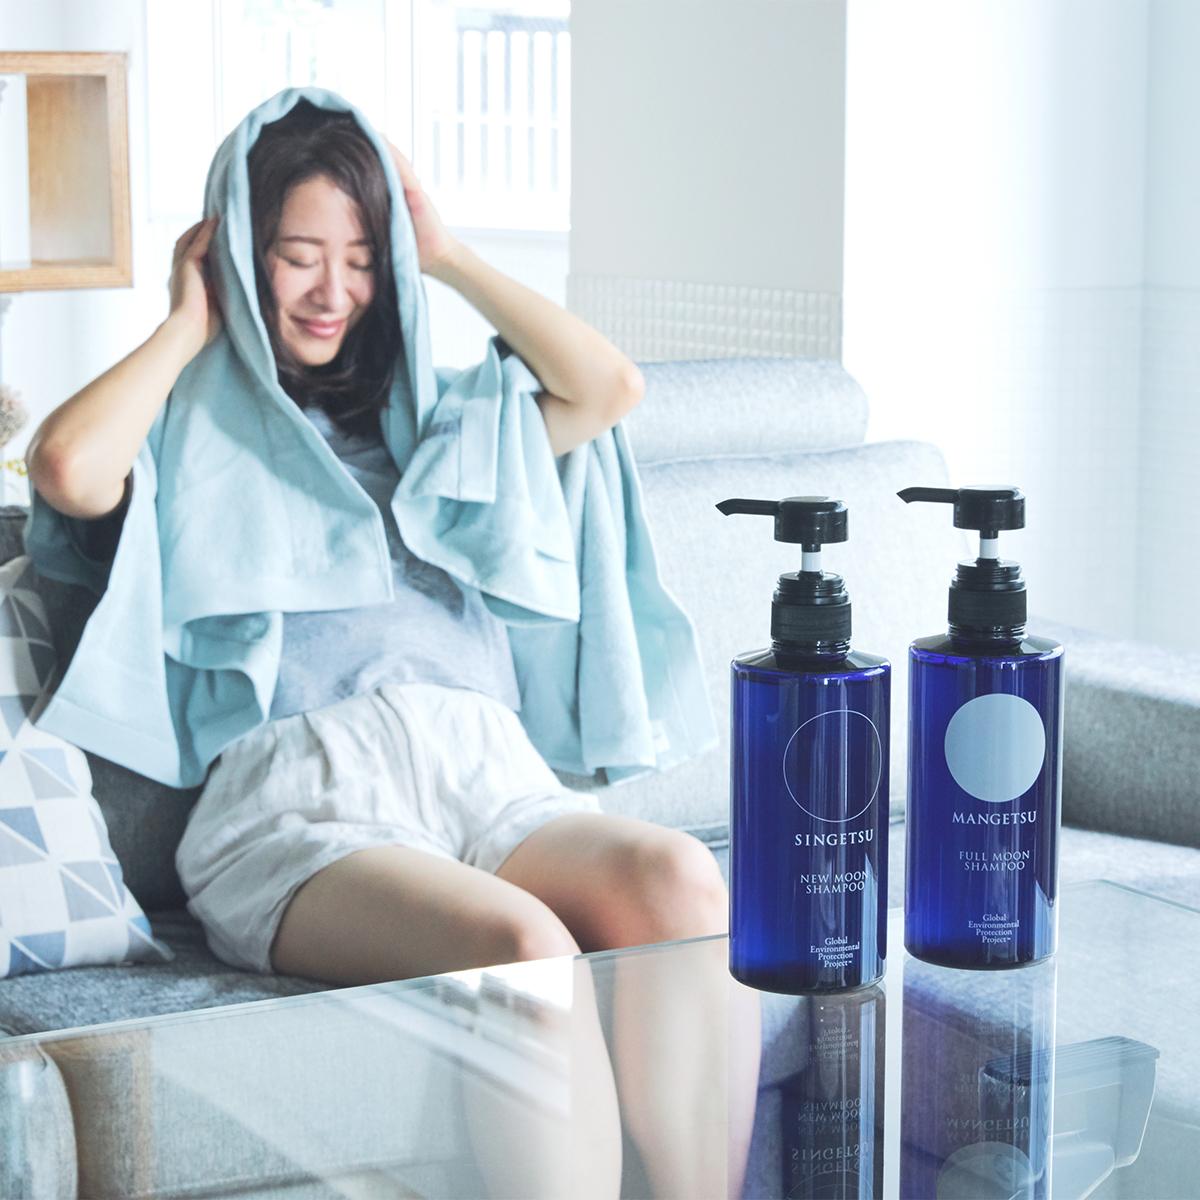 頭からつま先まで、いっぺんに洗えるから、いつものシャワーよりずっとラクな全身シャンプー|『MANGETSU(満月)』『SHINGETSU(新月)』Jam Label(ジャムレーベル)